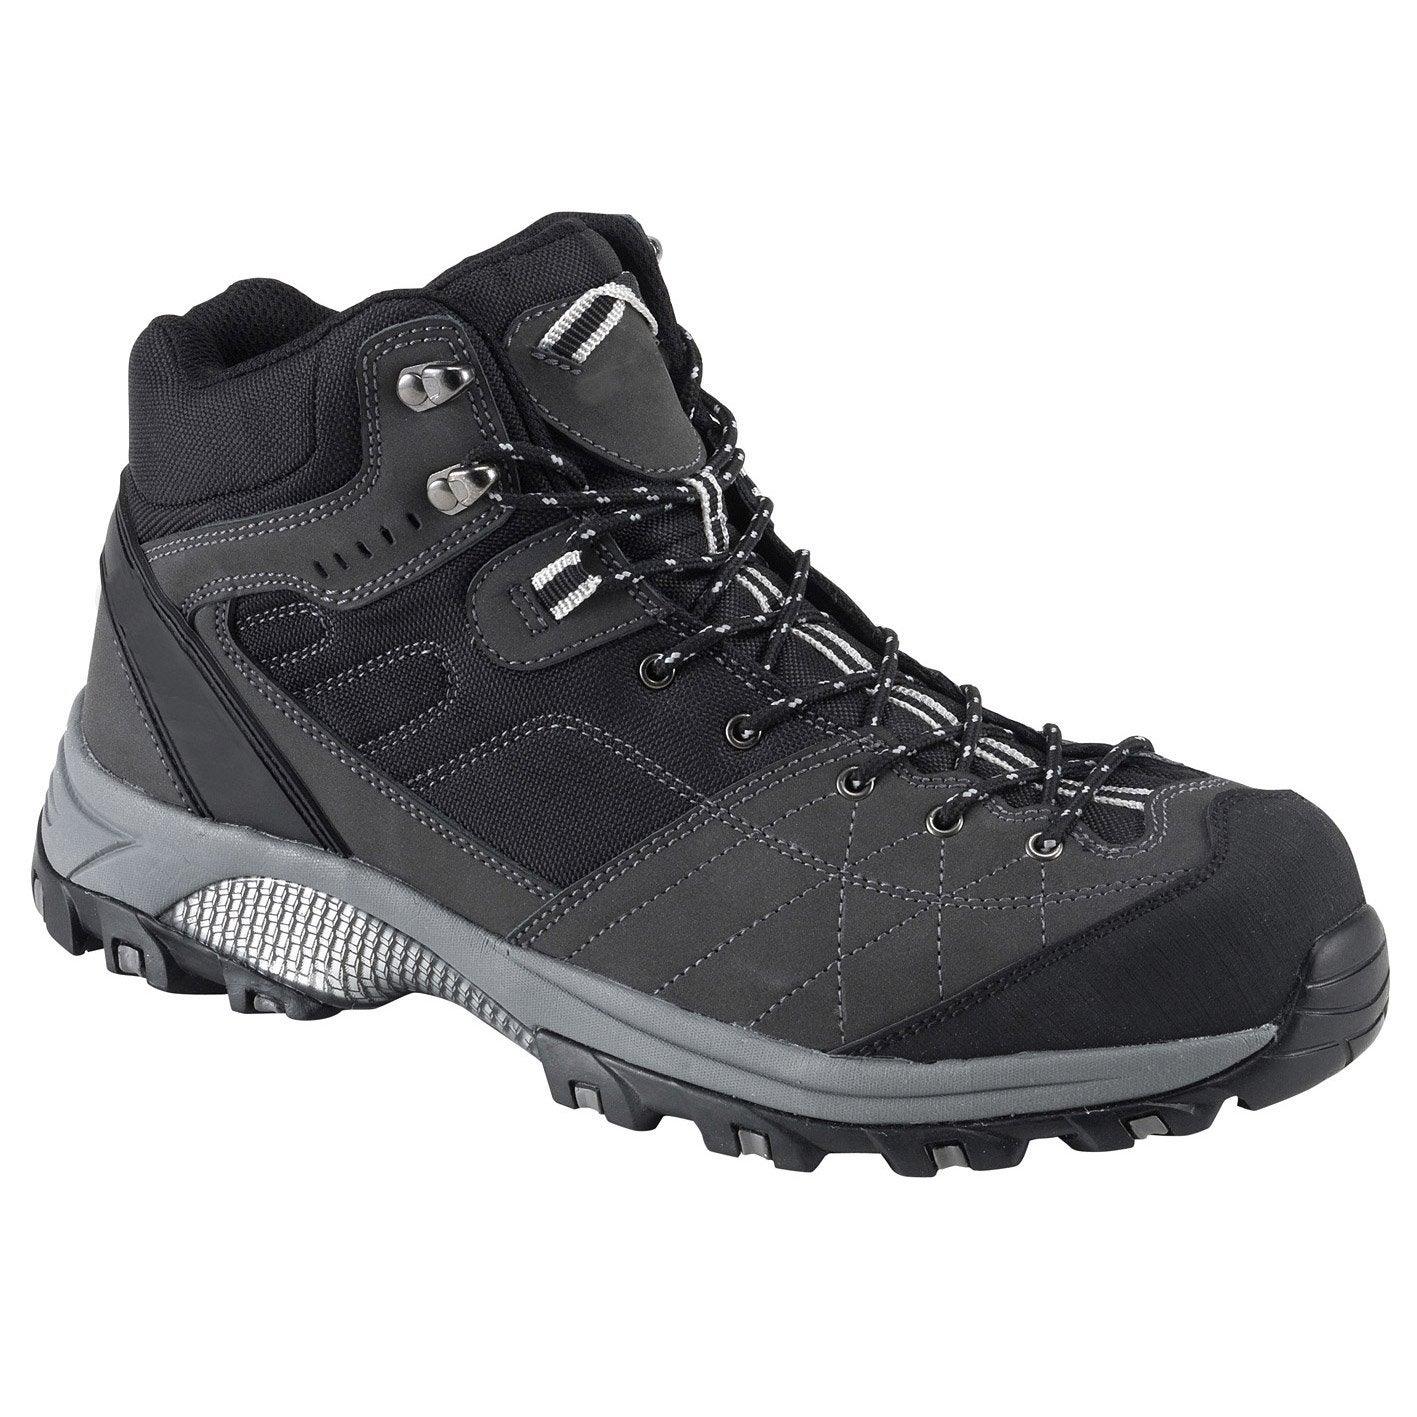 Chaussures de sécurité hautes KAPRIOL Dakota, coloris grisnoir T42